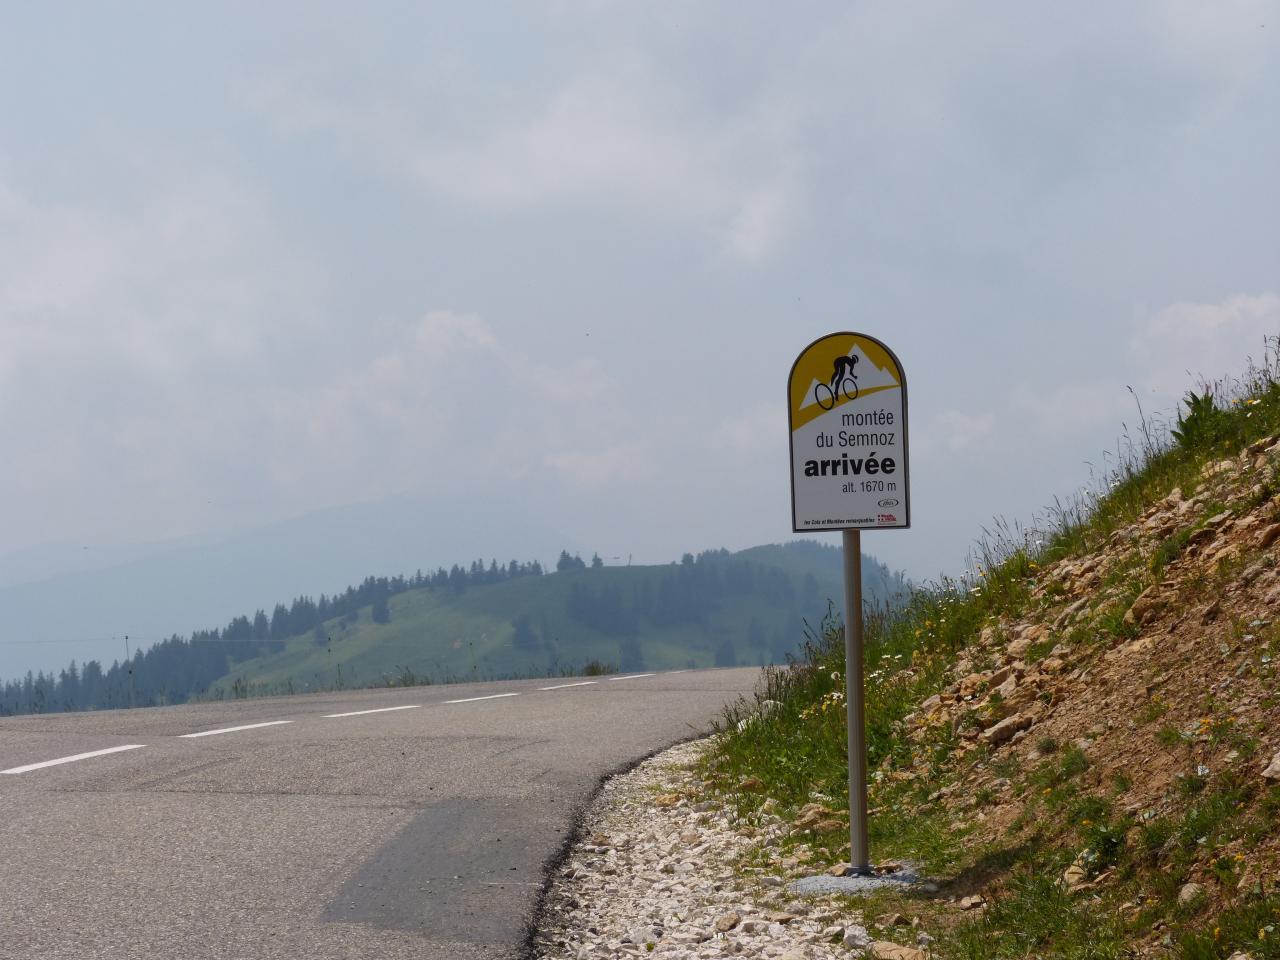 arrivée de l' étape du tour 2013 au Semnoz